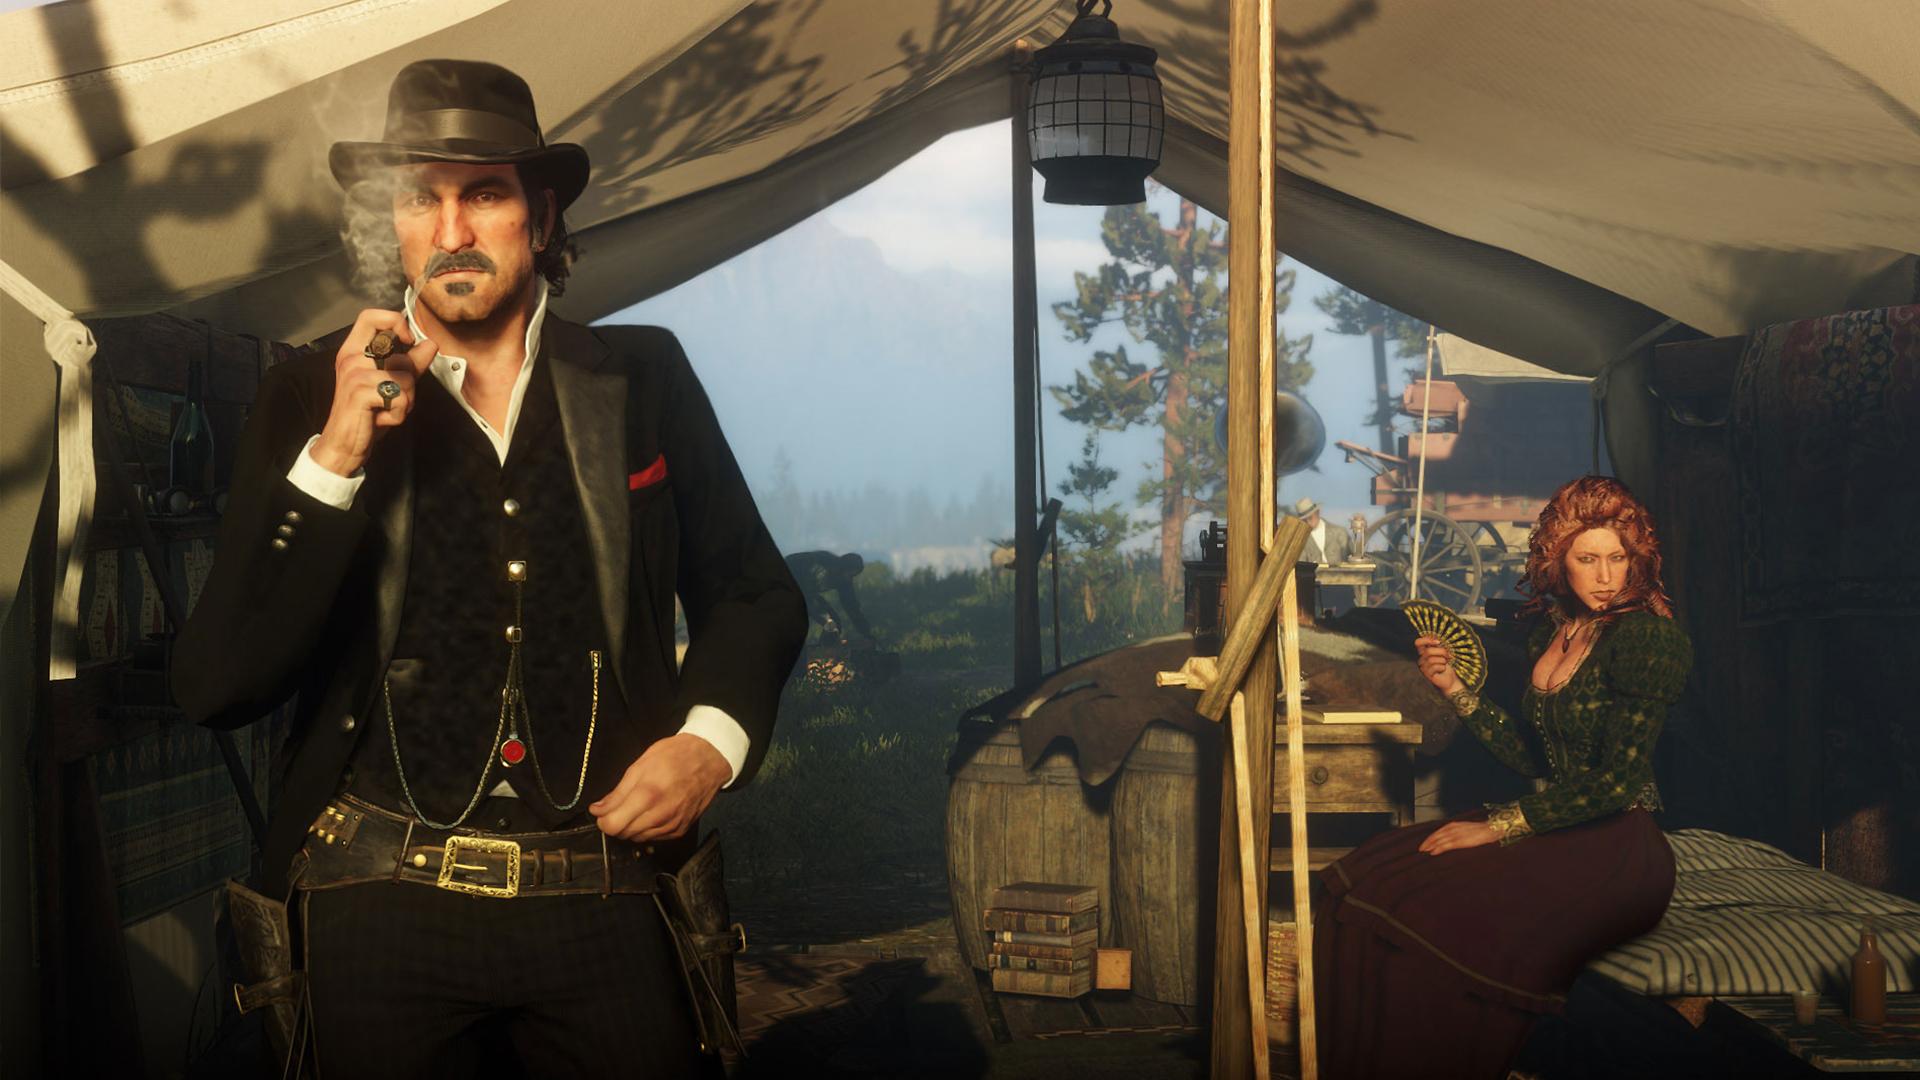 Red Dead Redemption 2 mods: the best RDR2 mods we've seen so far